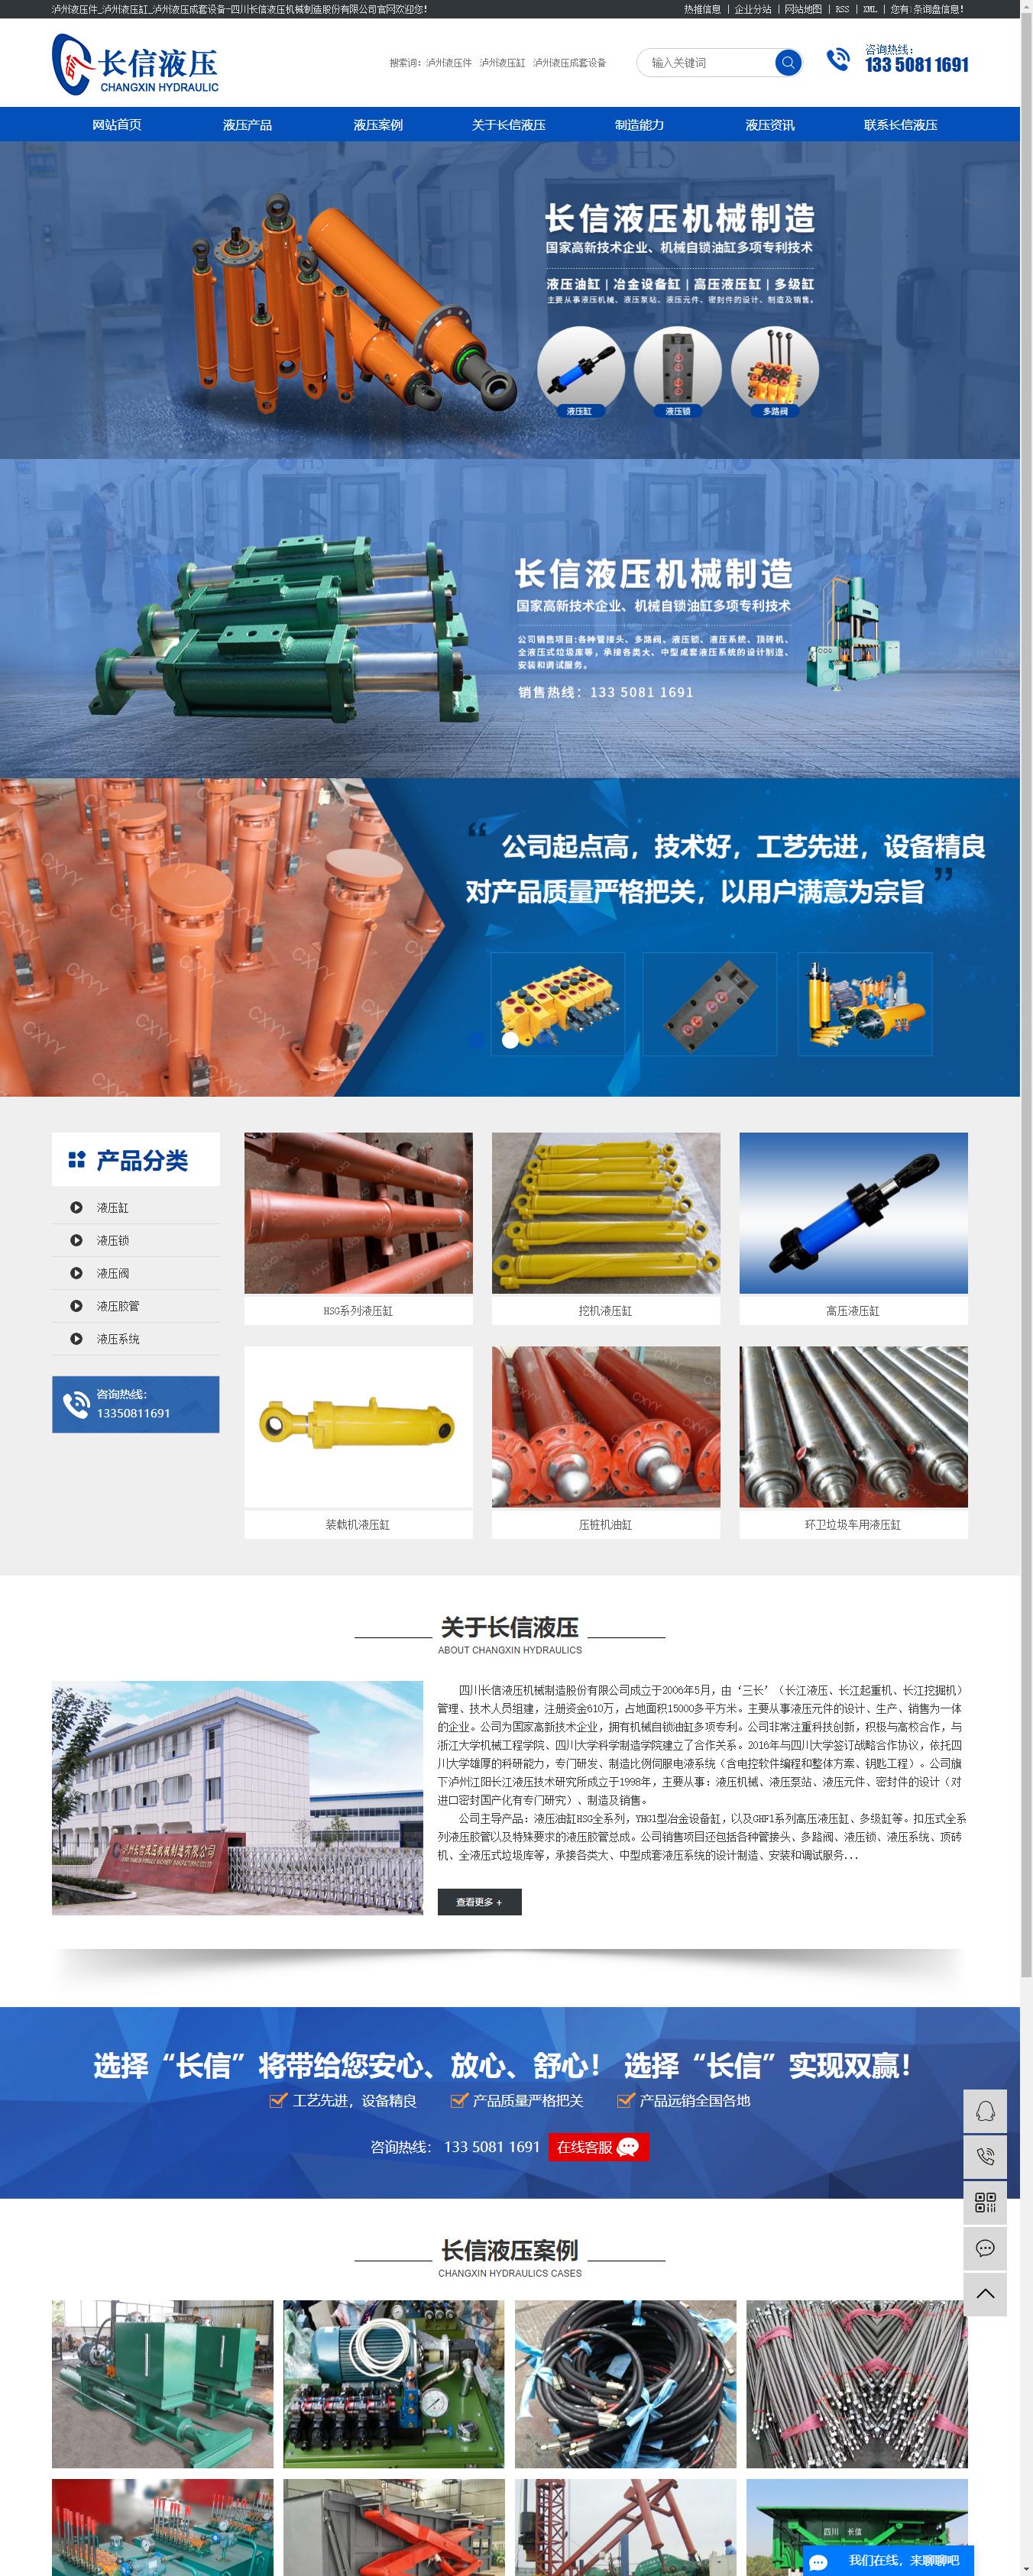 四川长信液压机械制造股份有限公司网站案例